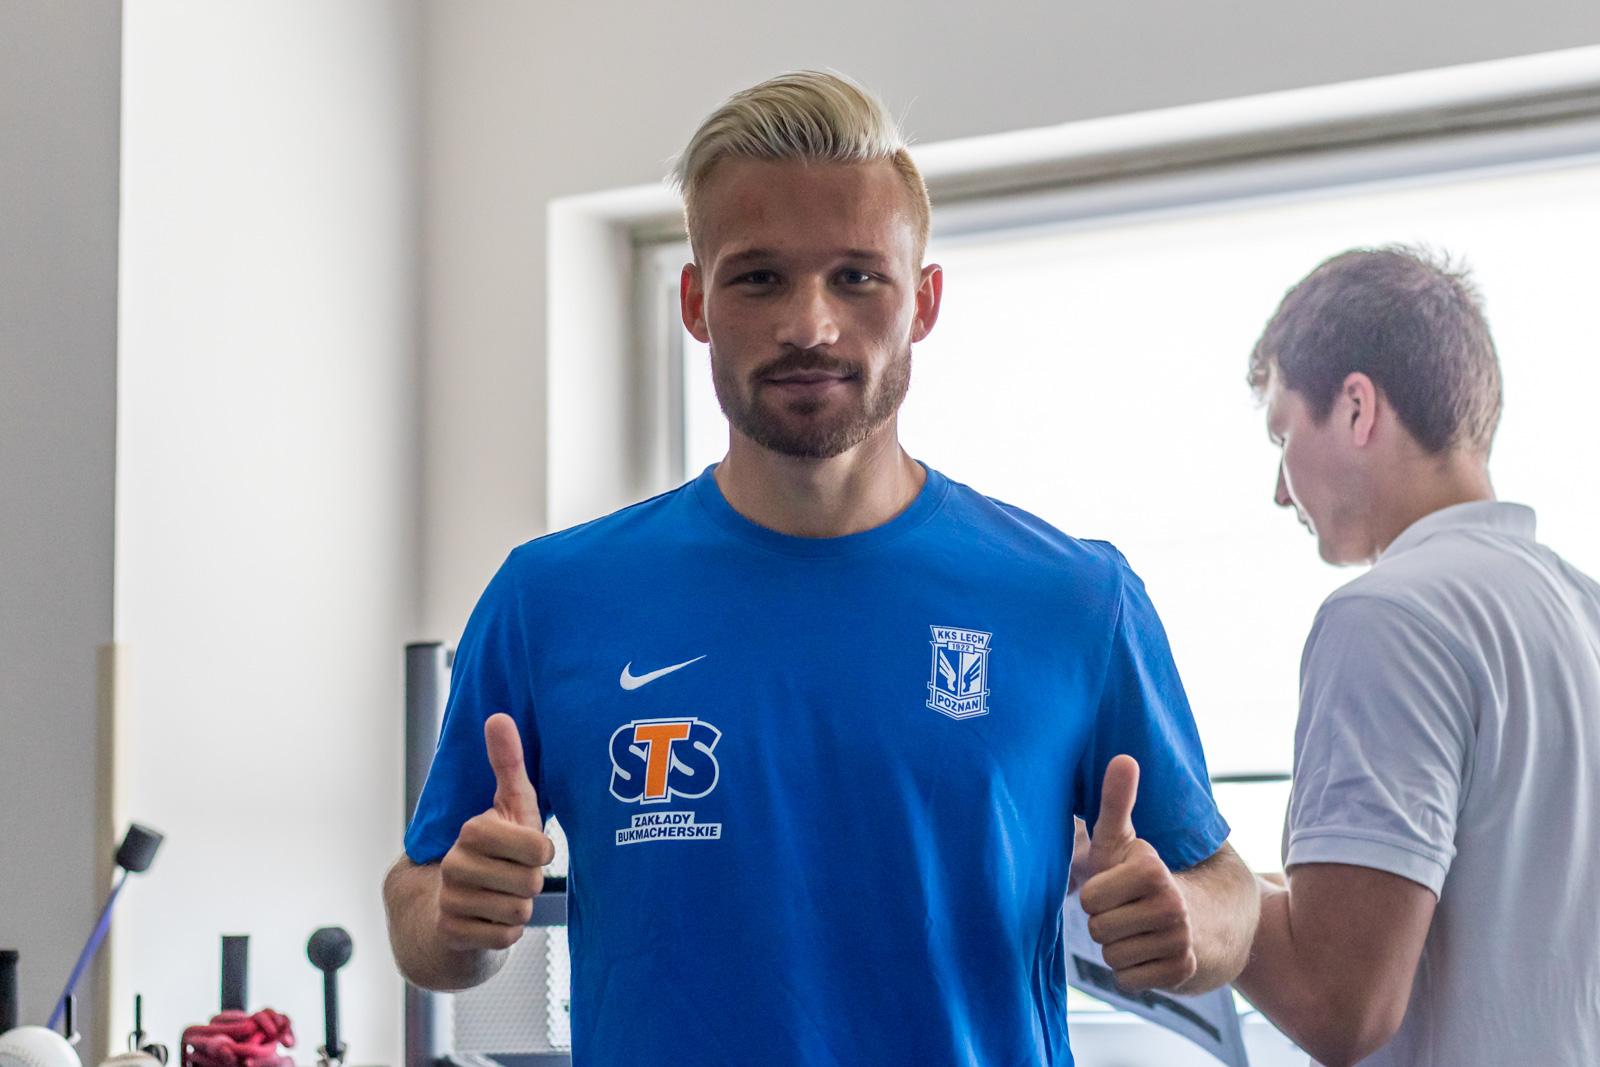 Nicklas Bärkroth nowym graczem Poznańskiej Lokomotywy